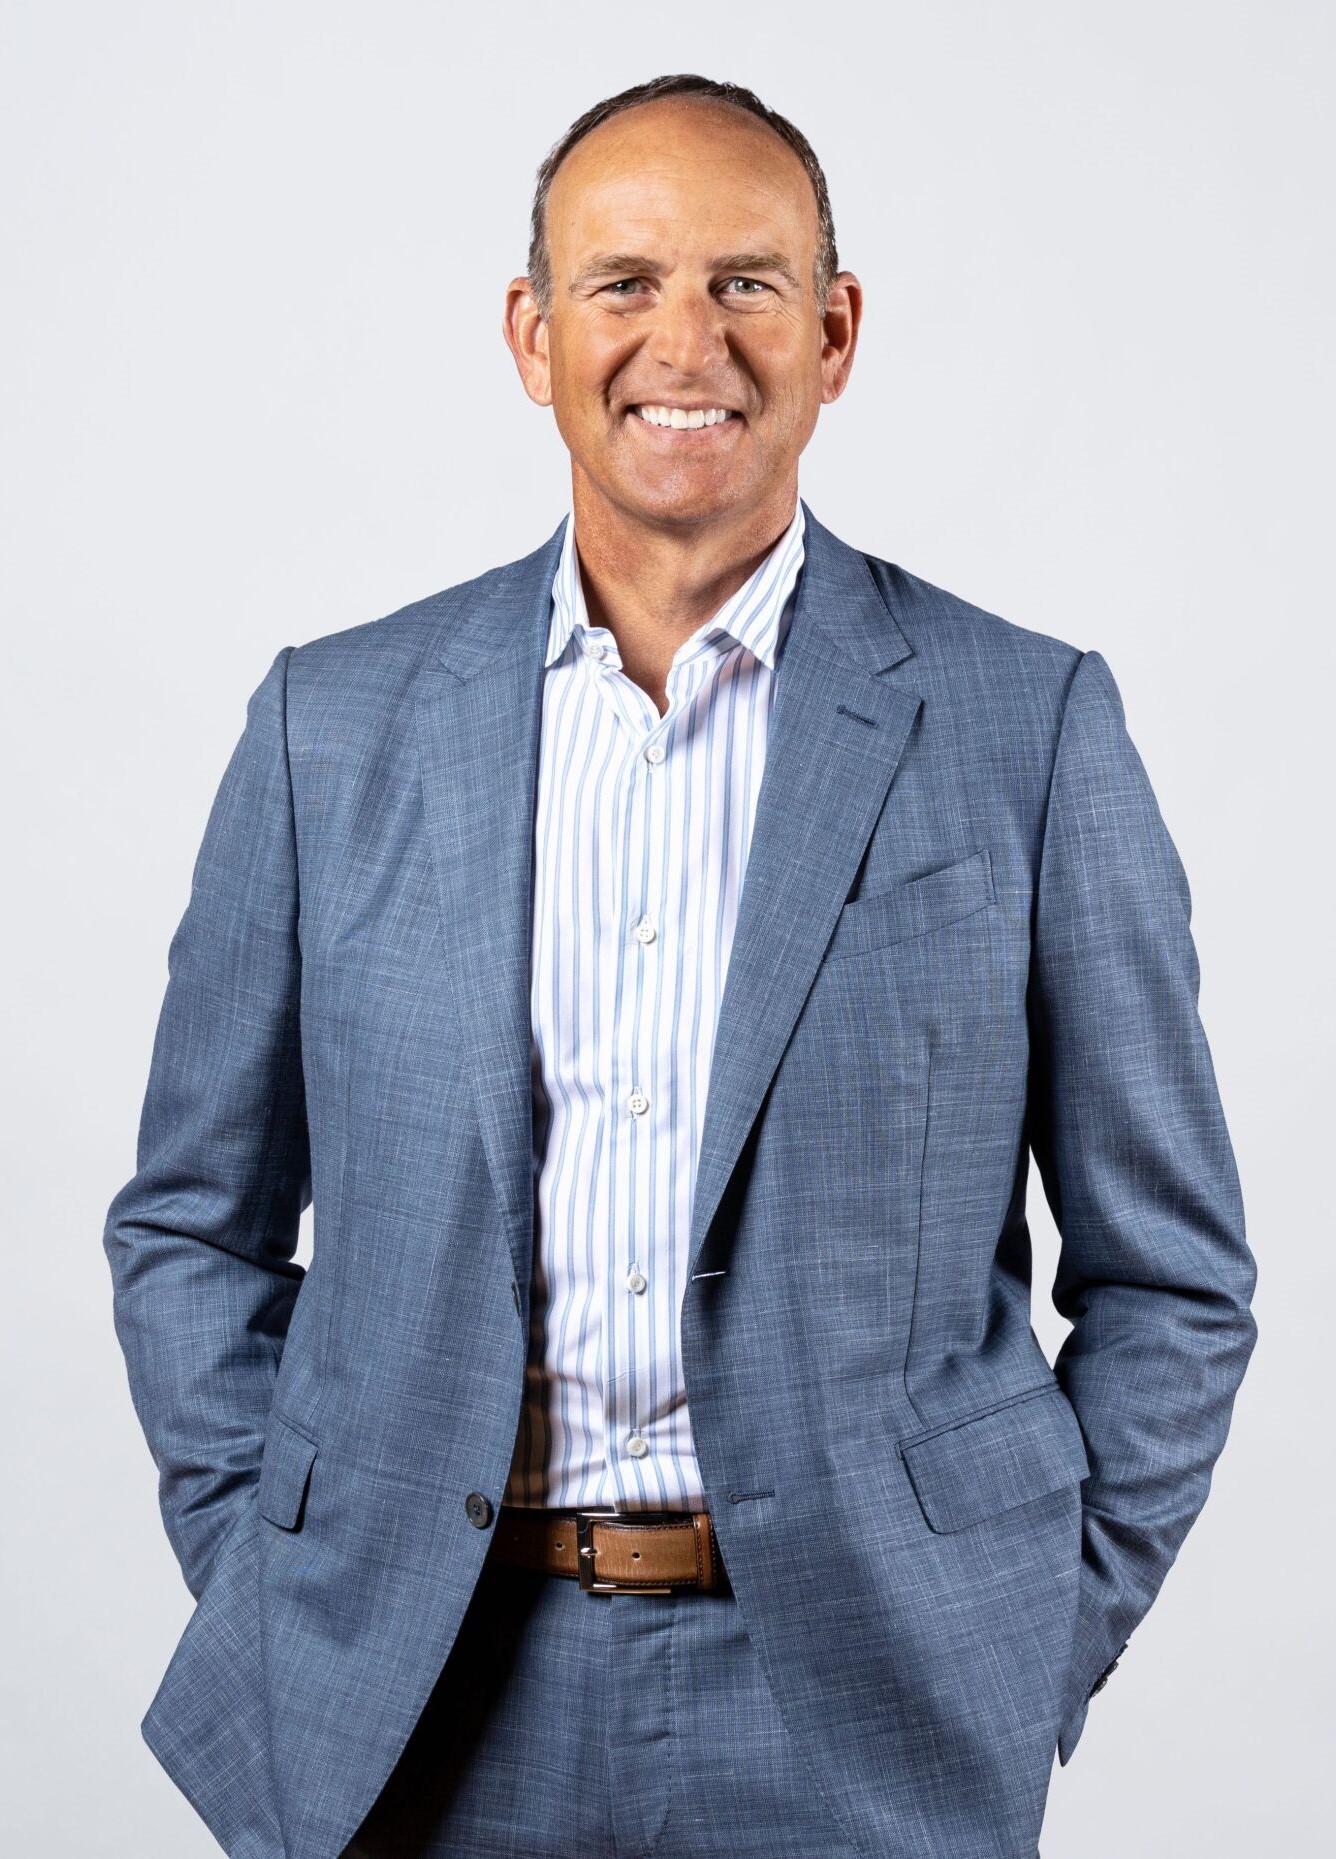 Doug DeVos